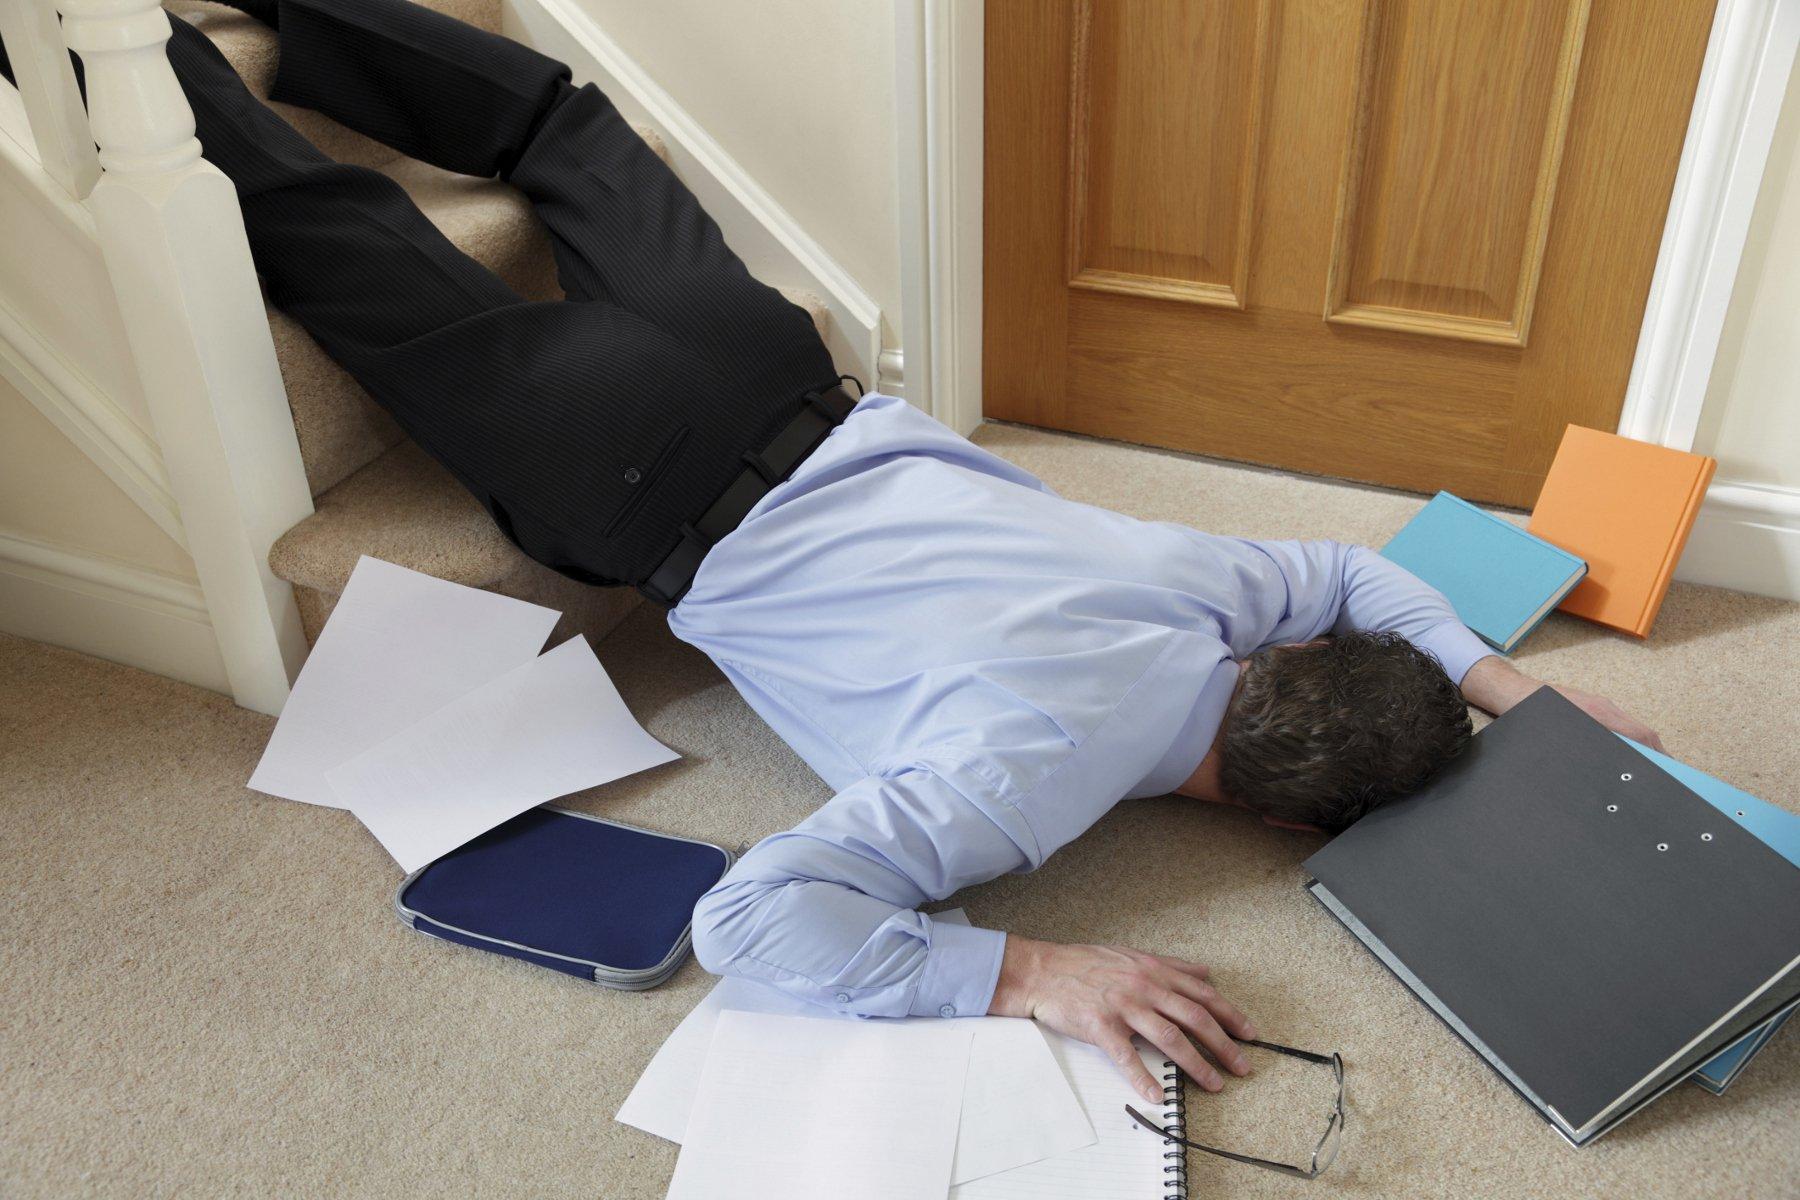 Прикольные картинки уставших людей на работе, картинки надписями